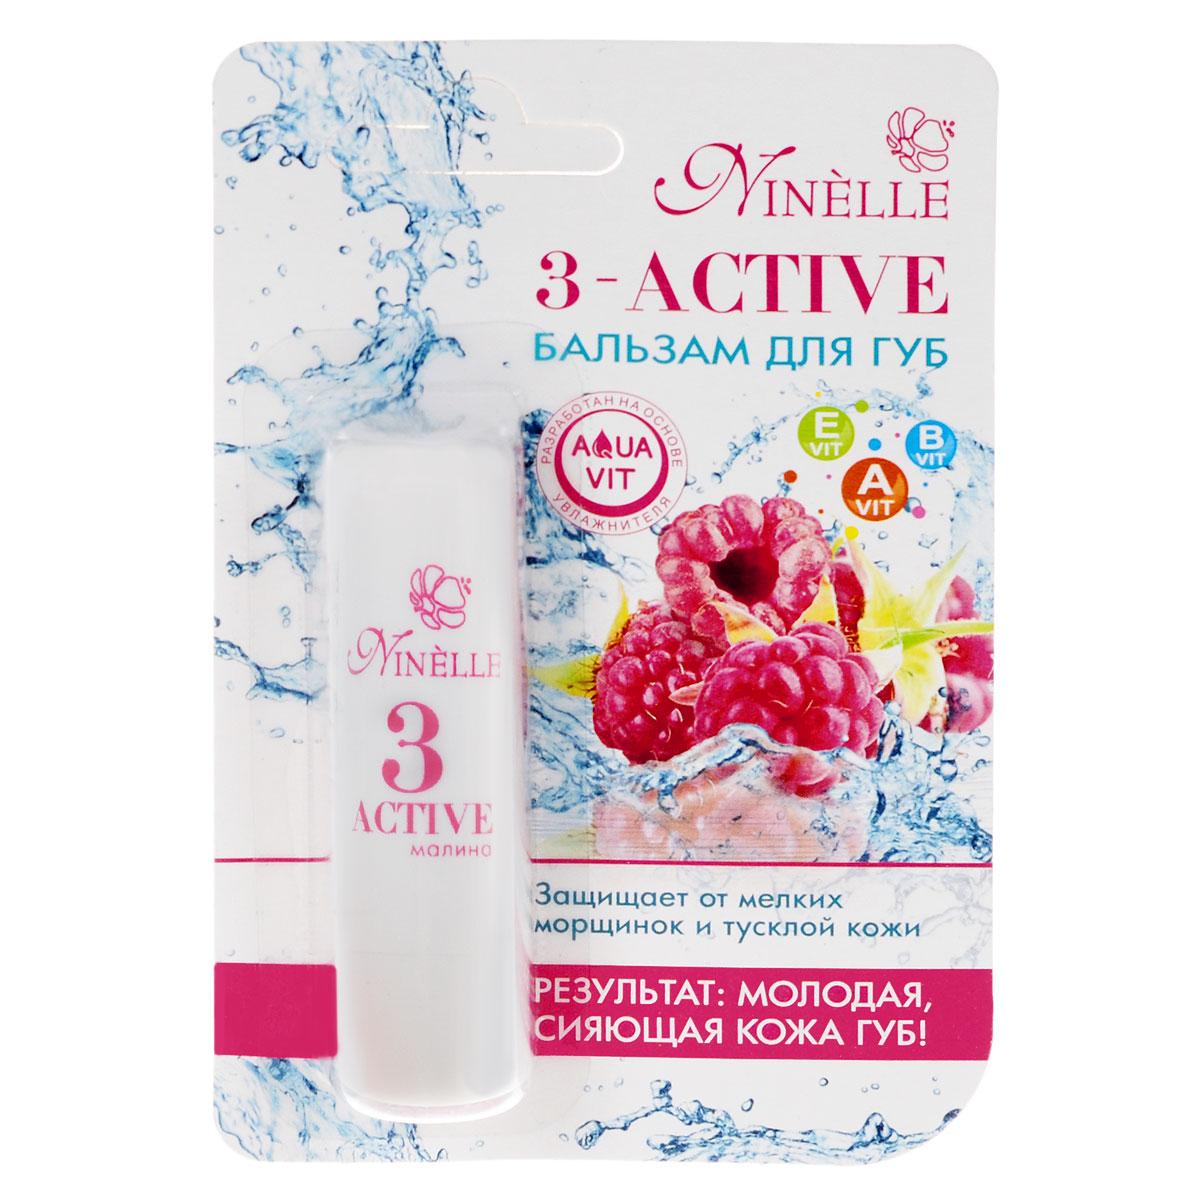 Ninelle Бальзам для губ 3 - ACTIVE. Малинка, 3,5 г887N10596Бальзам для губ разработан по уникальной технологии тройного действия 3-ACTIVE. Экстракт клубники способствует регенерации клеток. Интенсивно увлажняя, питая и смягчая кожу. Ббальзам защищает губы от обветривания и потрескивания, нейтрализует негативное действие внешних факторов, предупреждает старение. Витамины красоты А, В, Е сохраняют упругость и эластичность кожи, надежно защищают от негативного воздействия солнечных лучей. Увлажнитель AQUA VIT покрывает губы нежной невидимой вуалью, удерживая влагу изнутри. Бальзам обладает мягкой, кремовой текстурой, обеспечивая губам заботливый уход, надежную защиту и ощущение комфорта.